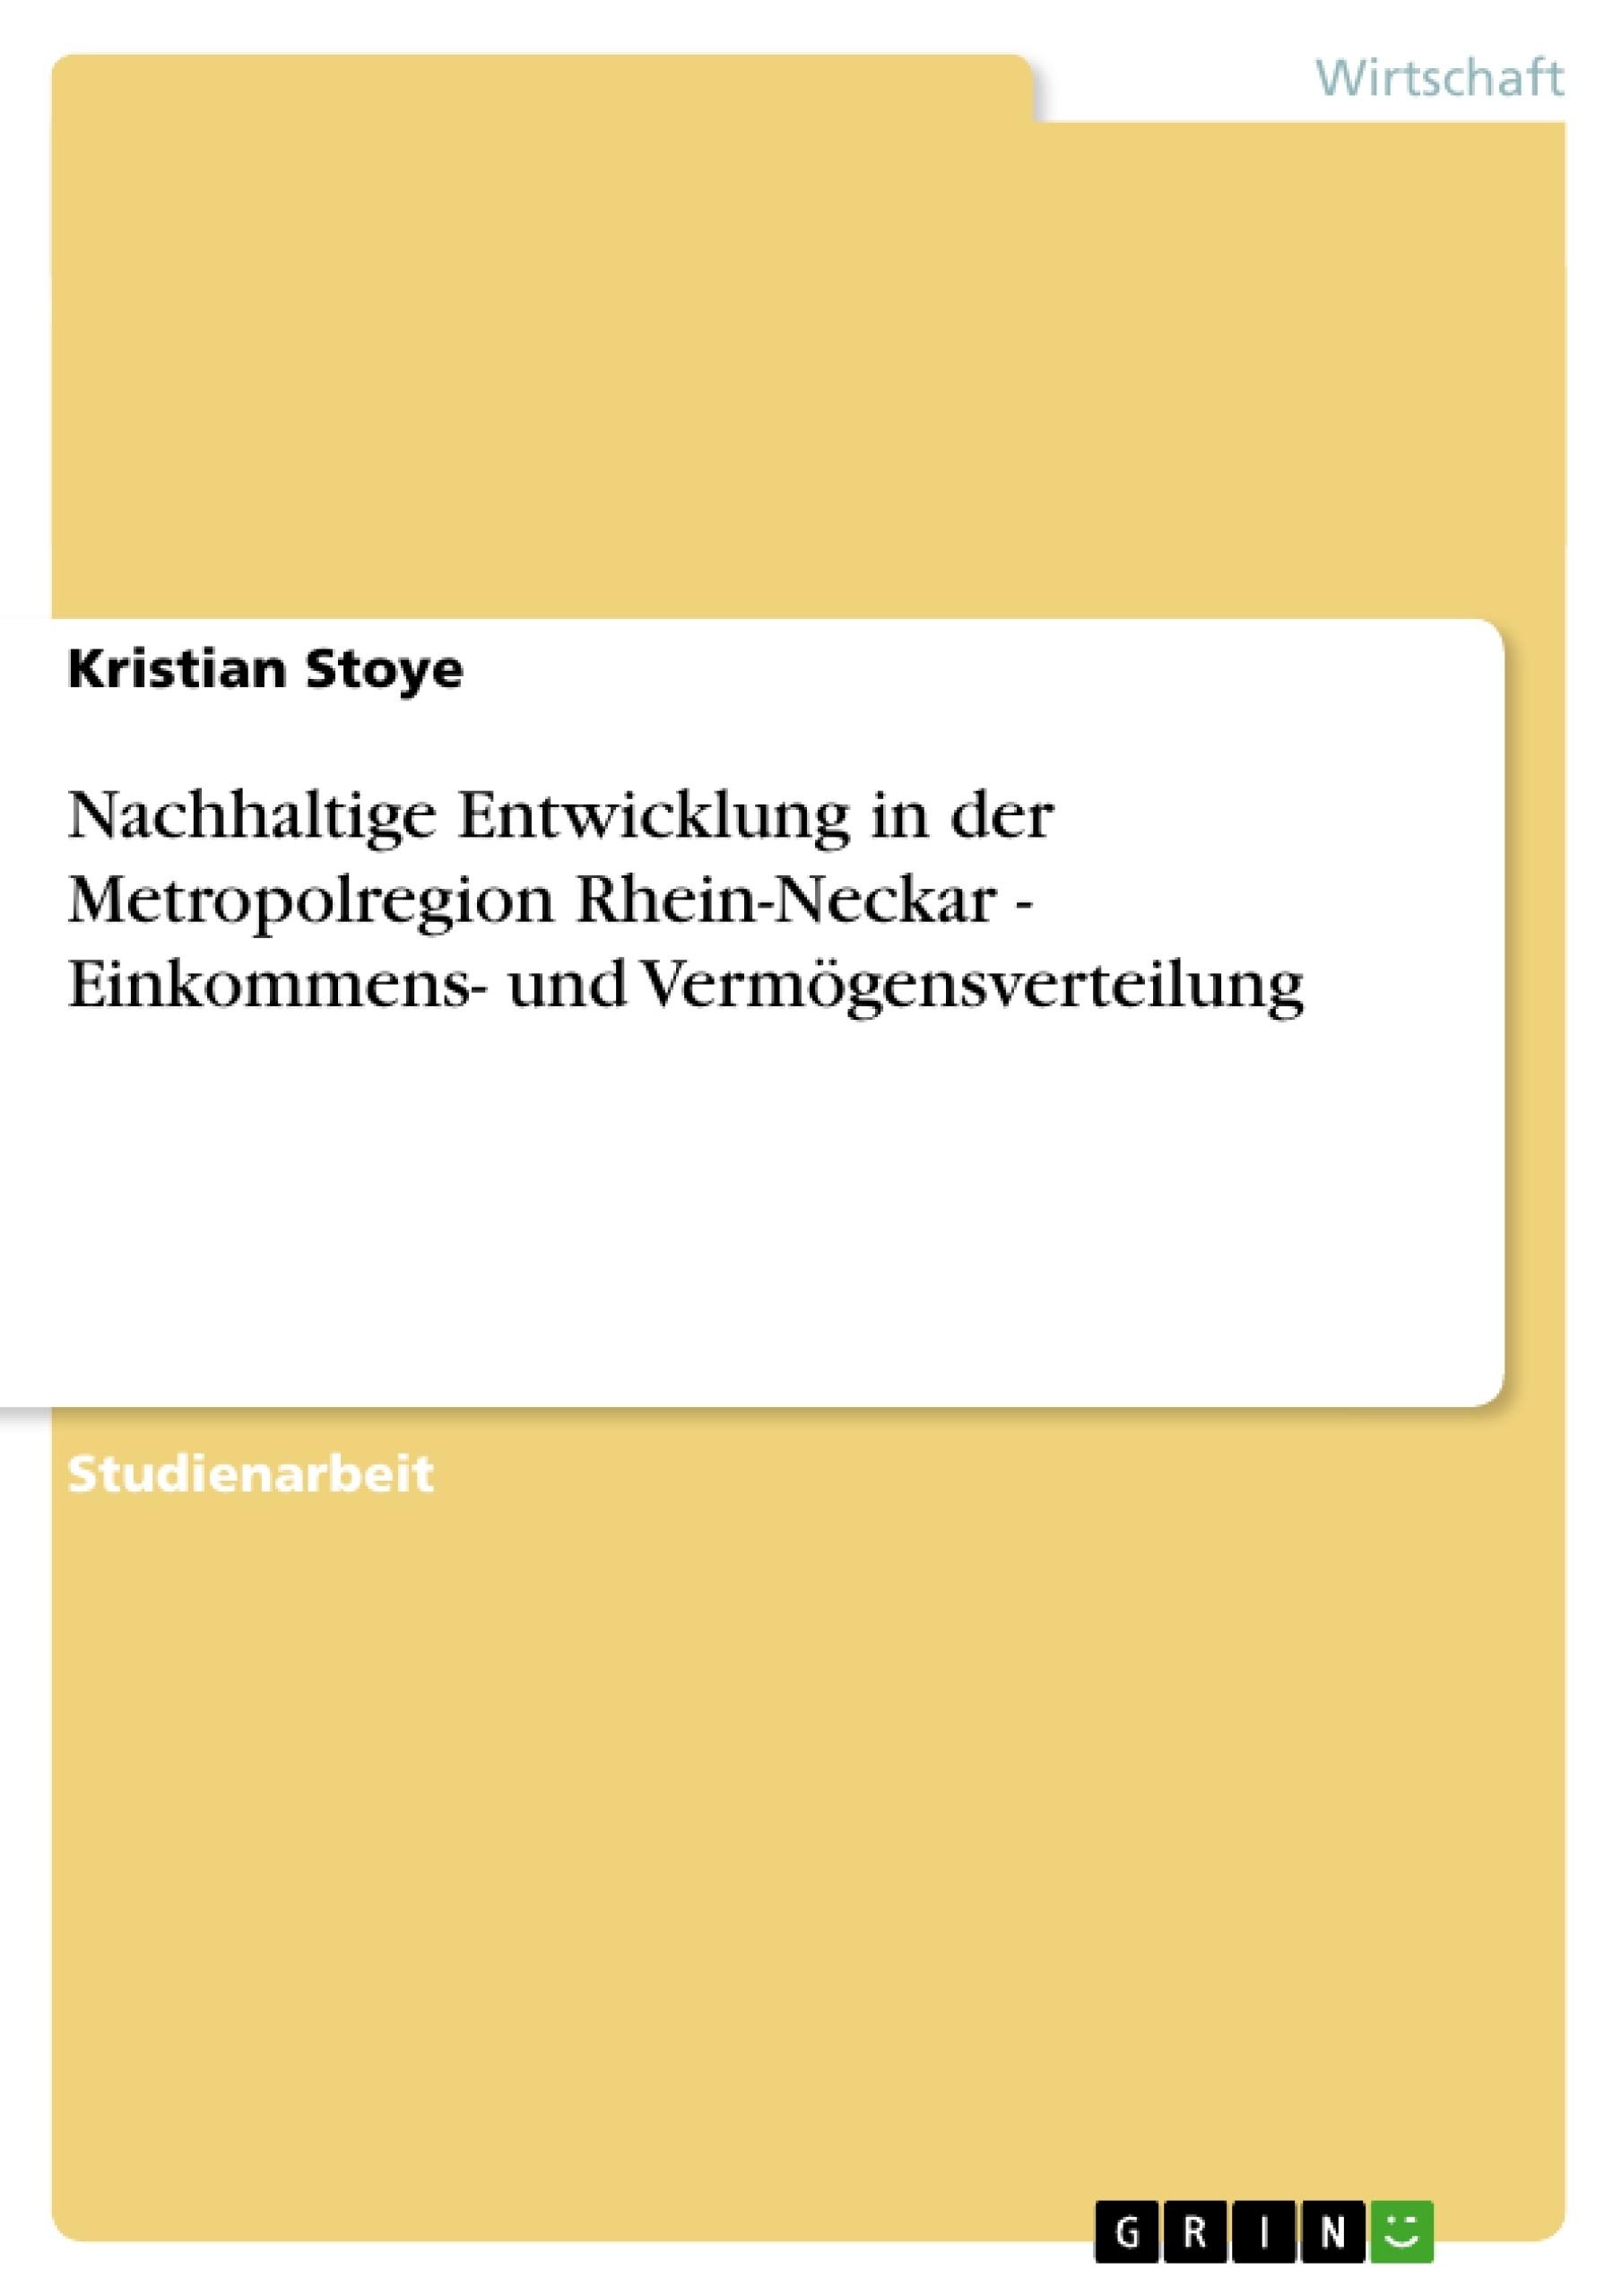 Titel: Nachhaltige Entwicklung in der Metropolregion Rhein-Neckar - Einkommens- und Vermögensverteilung